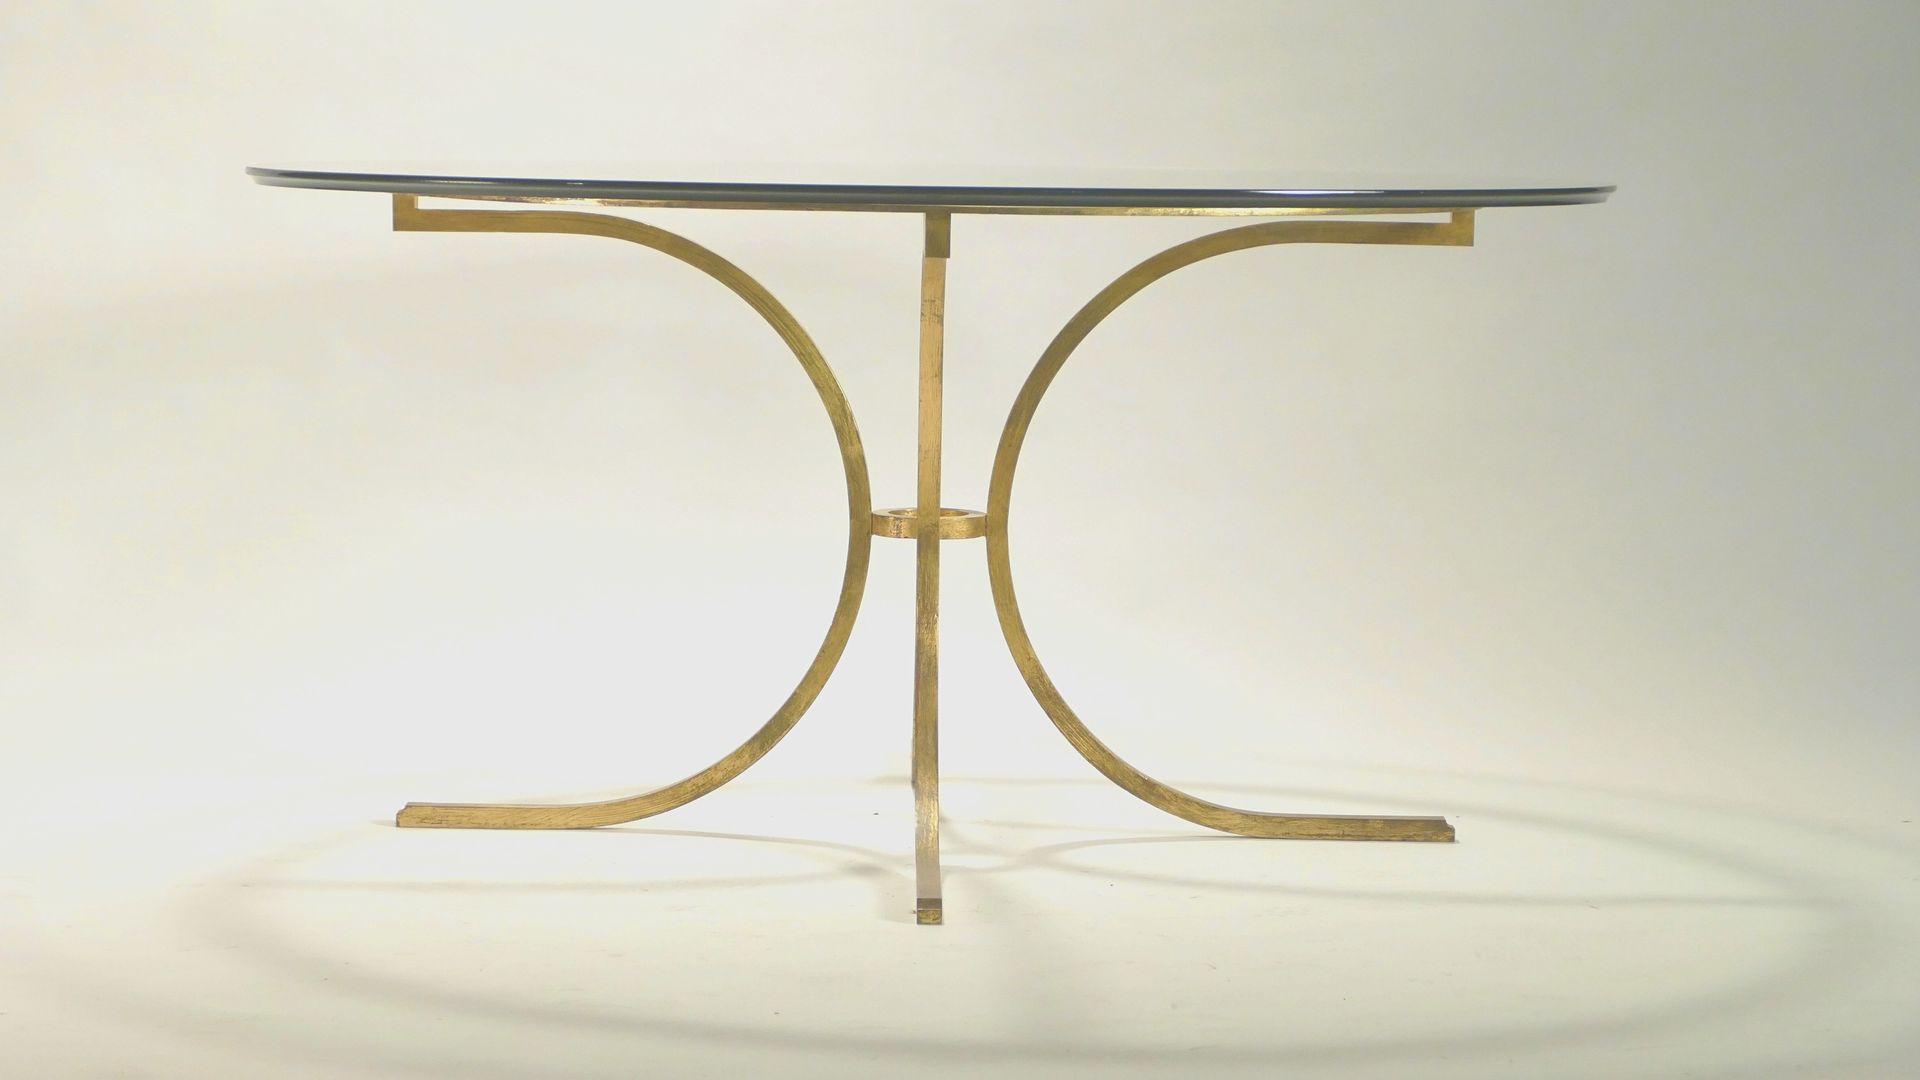 gro er glas esstisch von robert thibier bei pamono kaufen. Black Bedroom Furniture Sets. Home Design Ideas